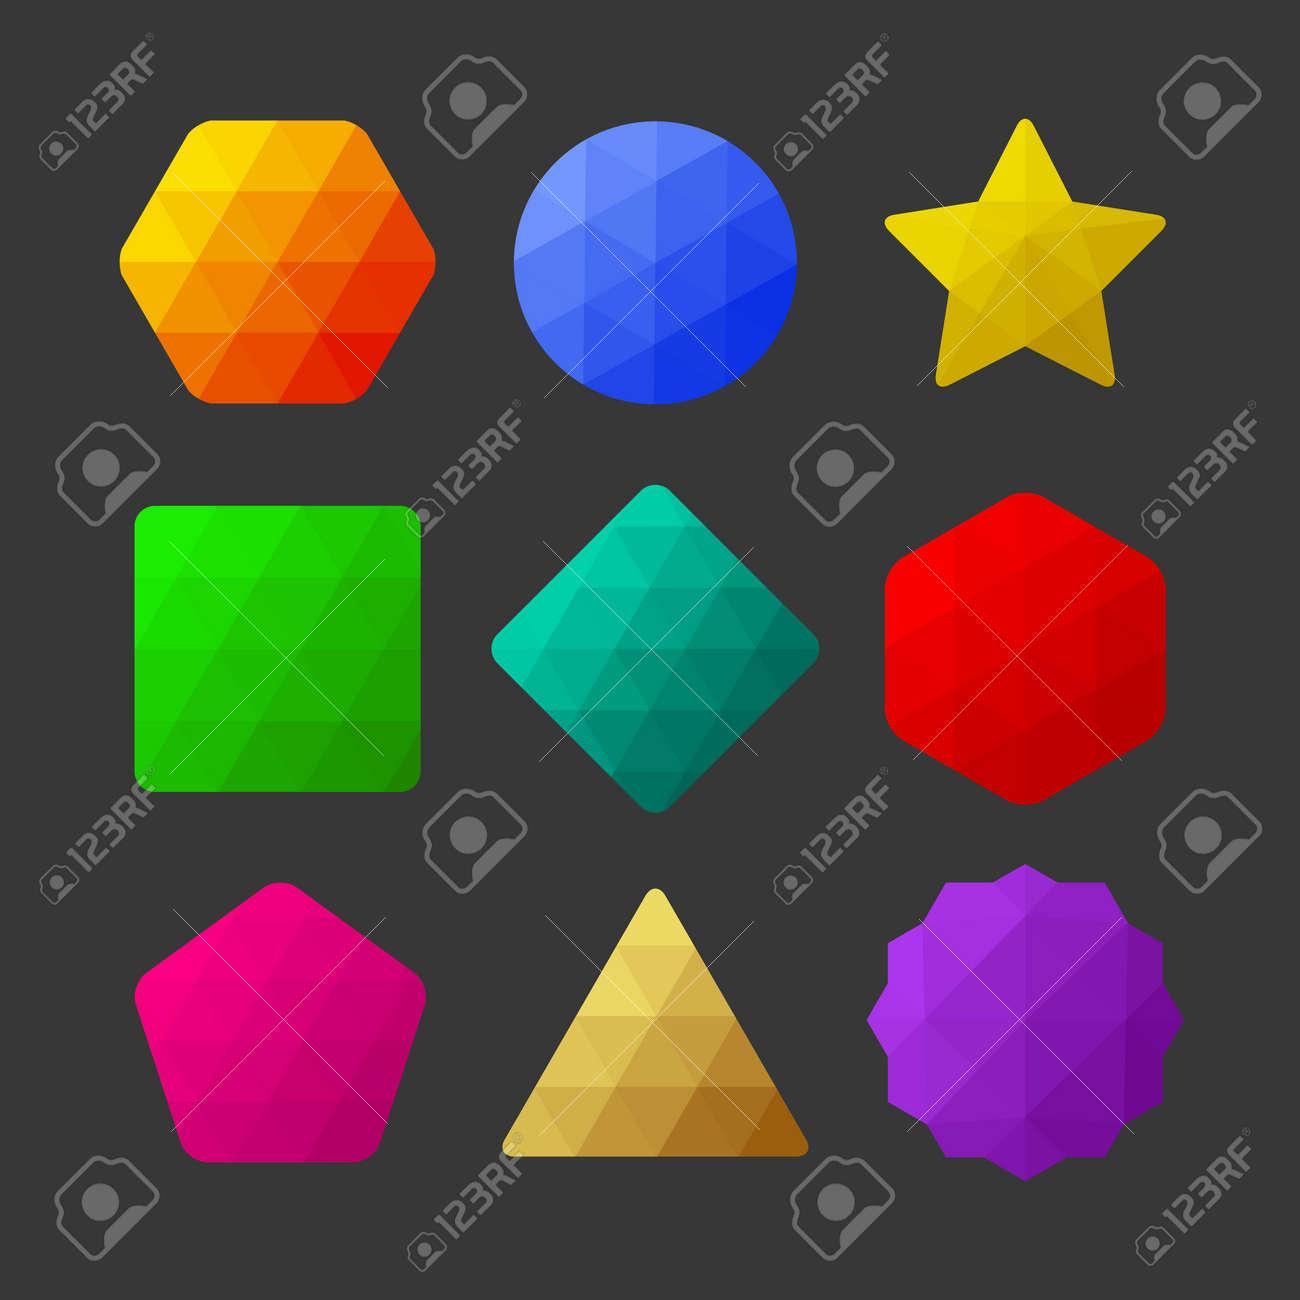 Conjunto De Elementos De Diseño De Figuras Geométricas Poligonales